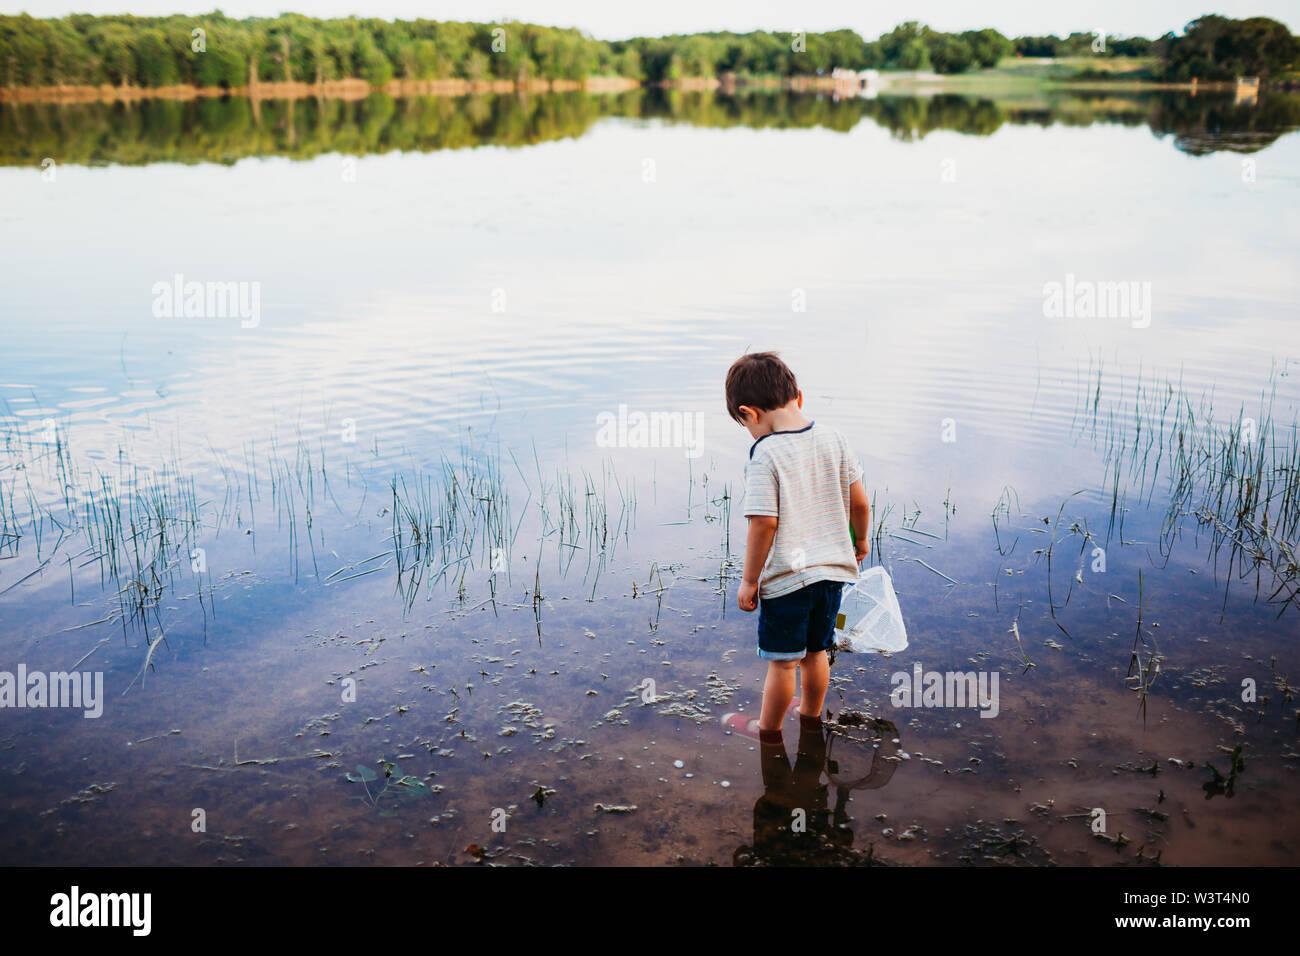 Joven de pie en el lago solo buscando pescado Foto de stock